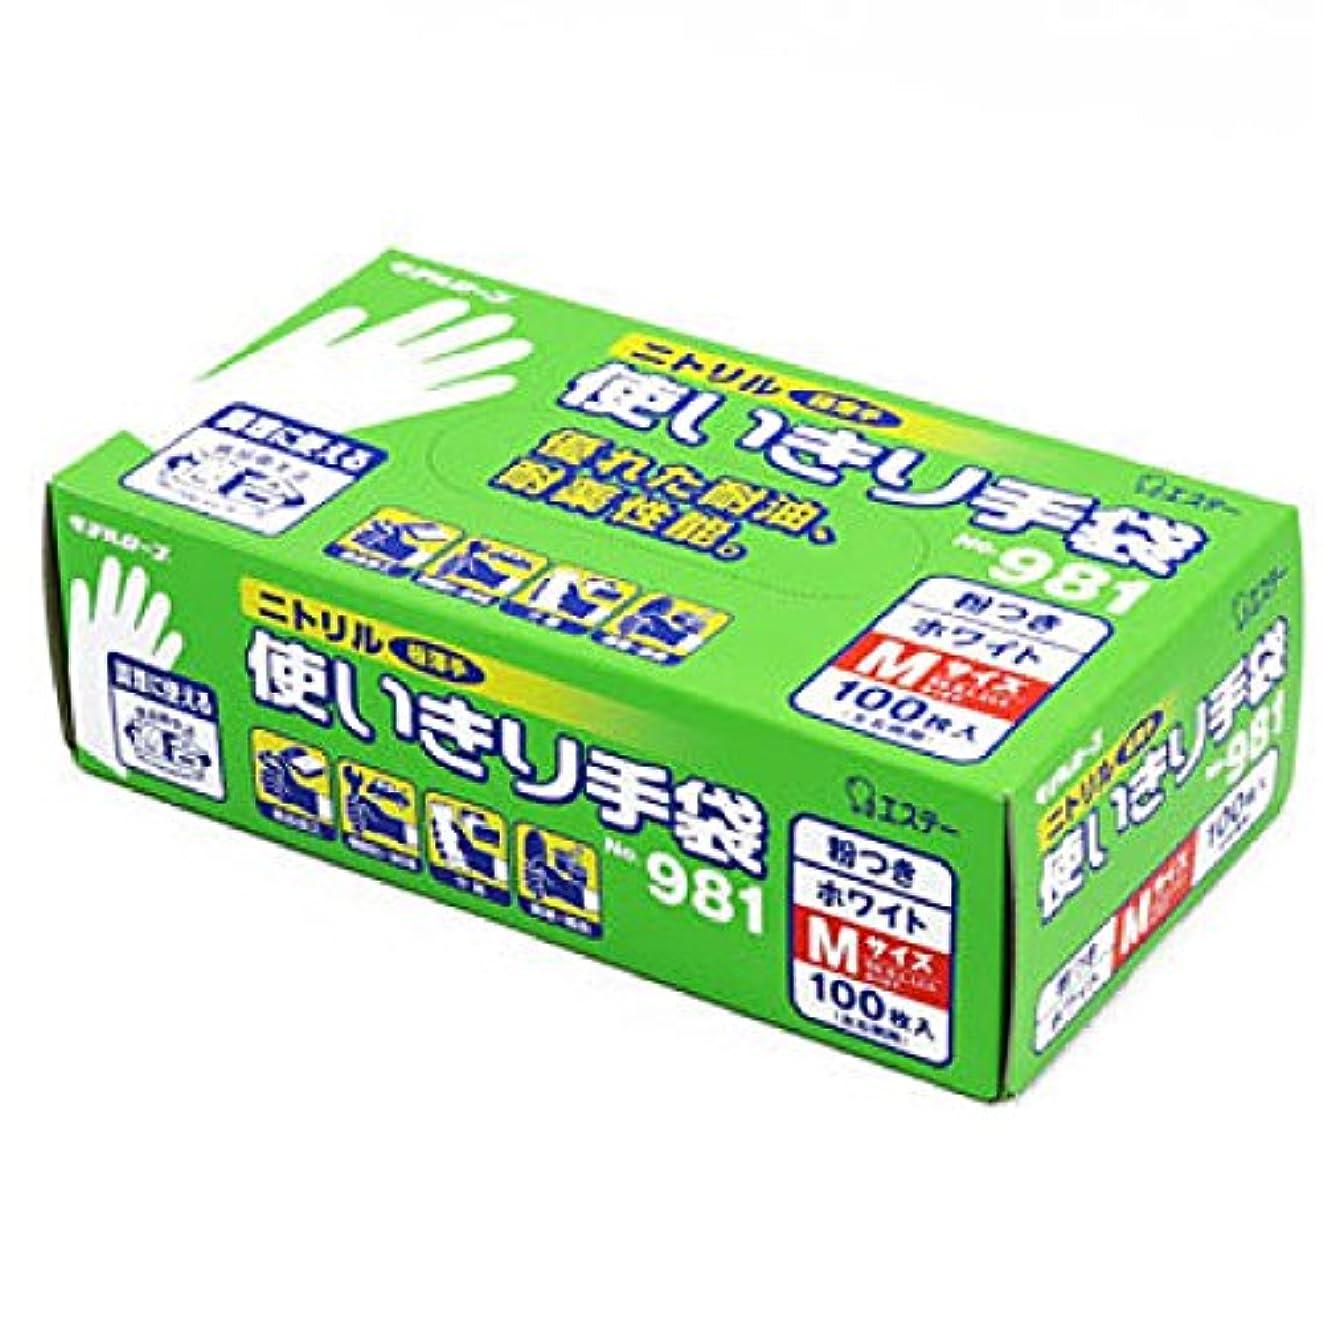 混合した安らぎ要求するエステー/ニトリル使いきり手袋 箱入 (粉つき) [100枚入]/品番:981 サイズ:L カラー:ホワイト